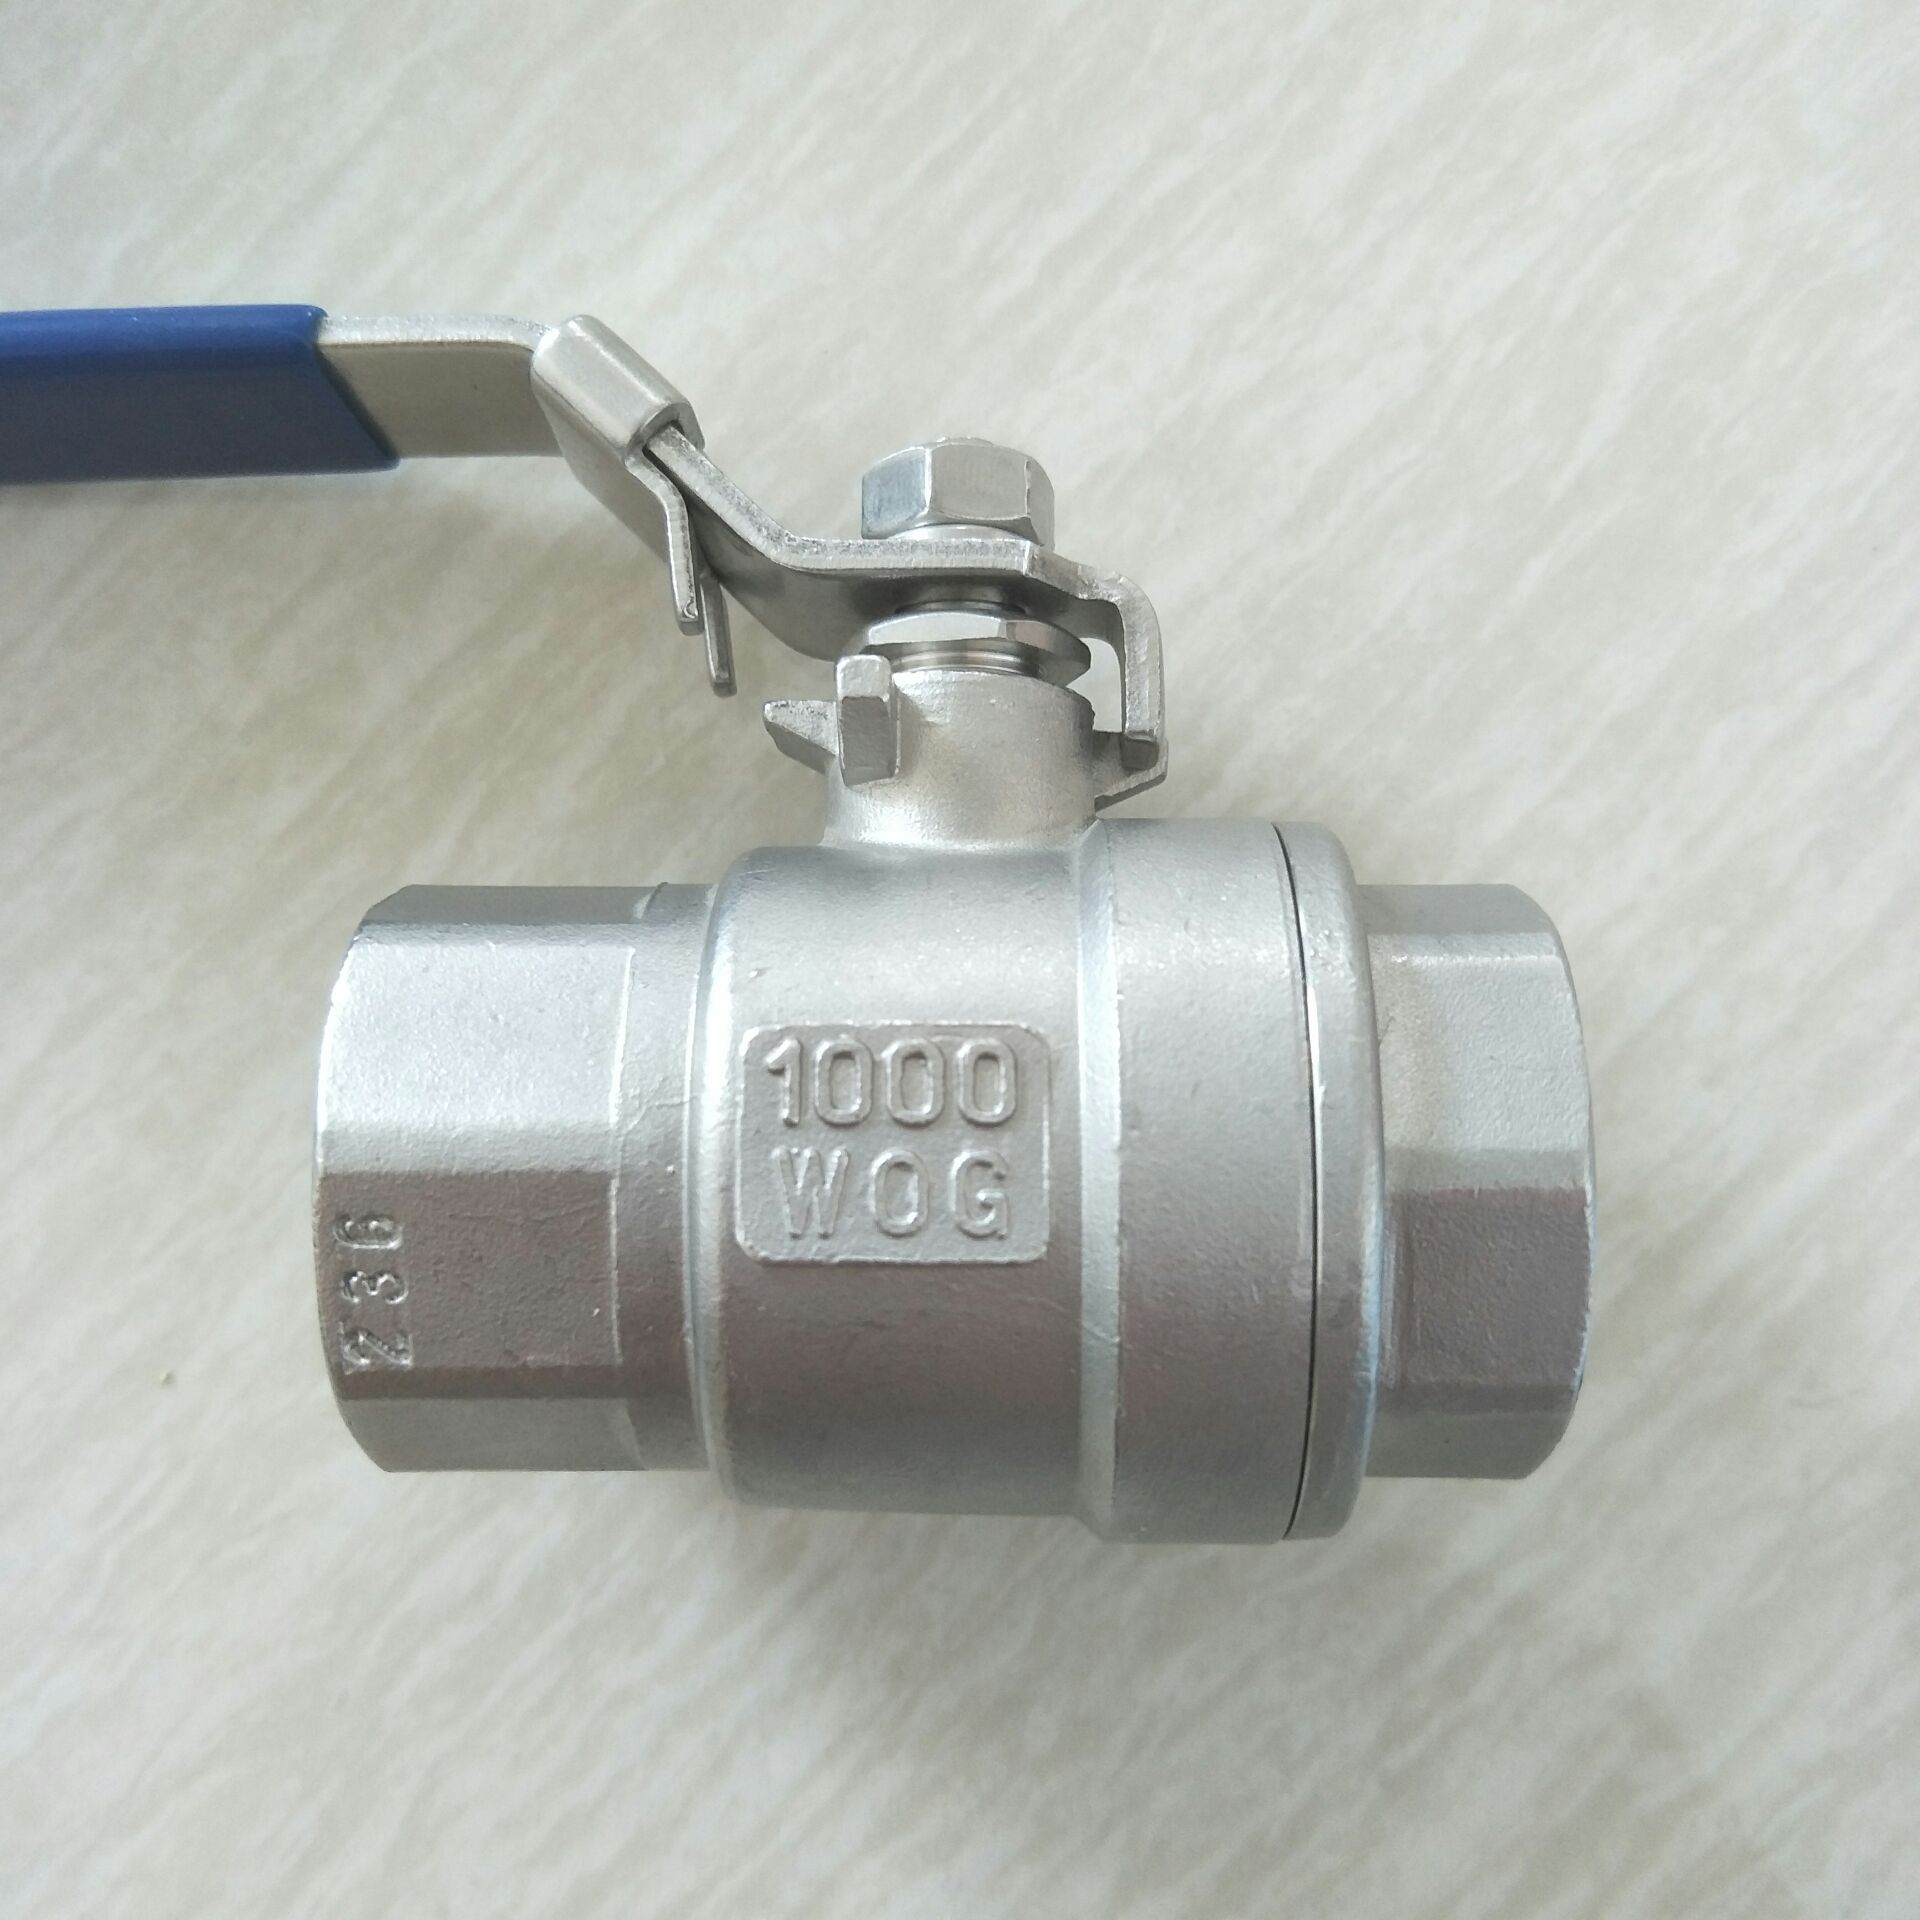 二片式不锈钢球阀DN25  2PC 球阀 1寸810950312